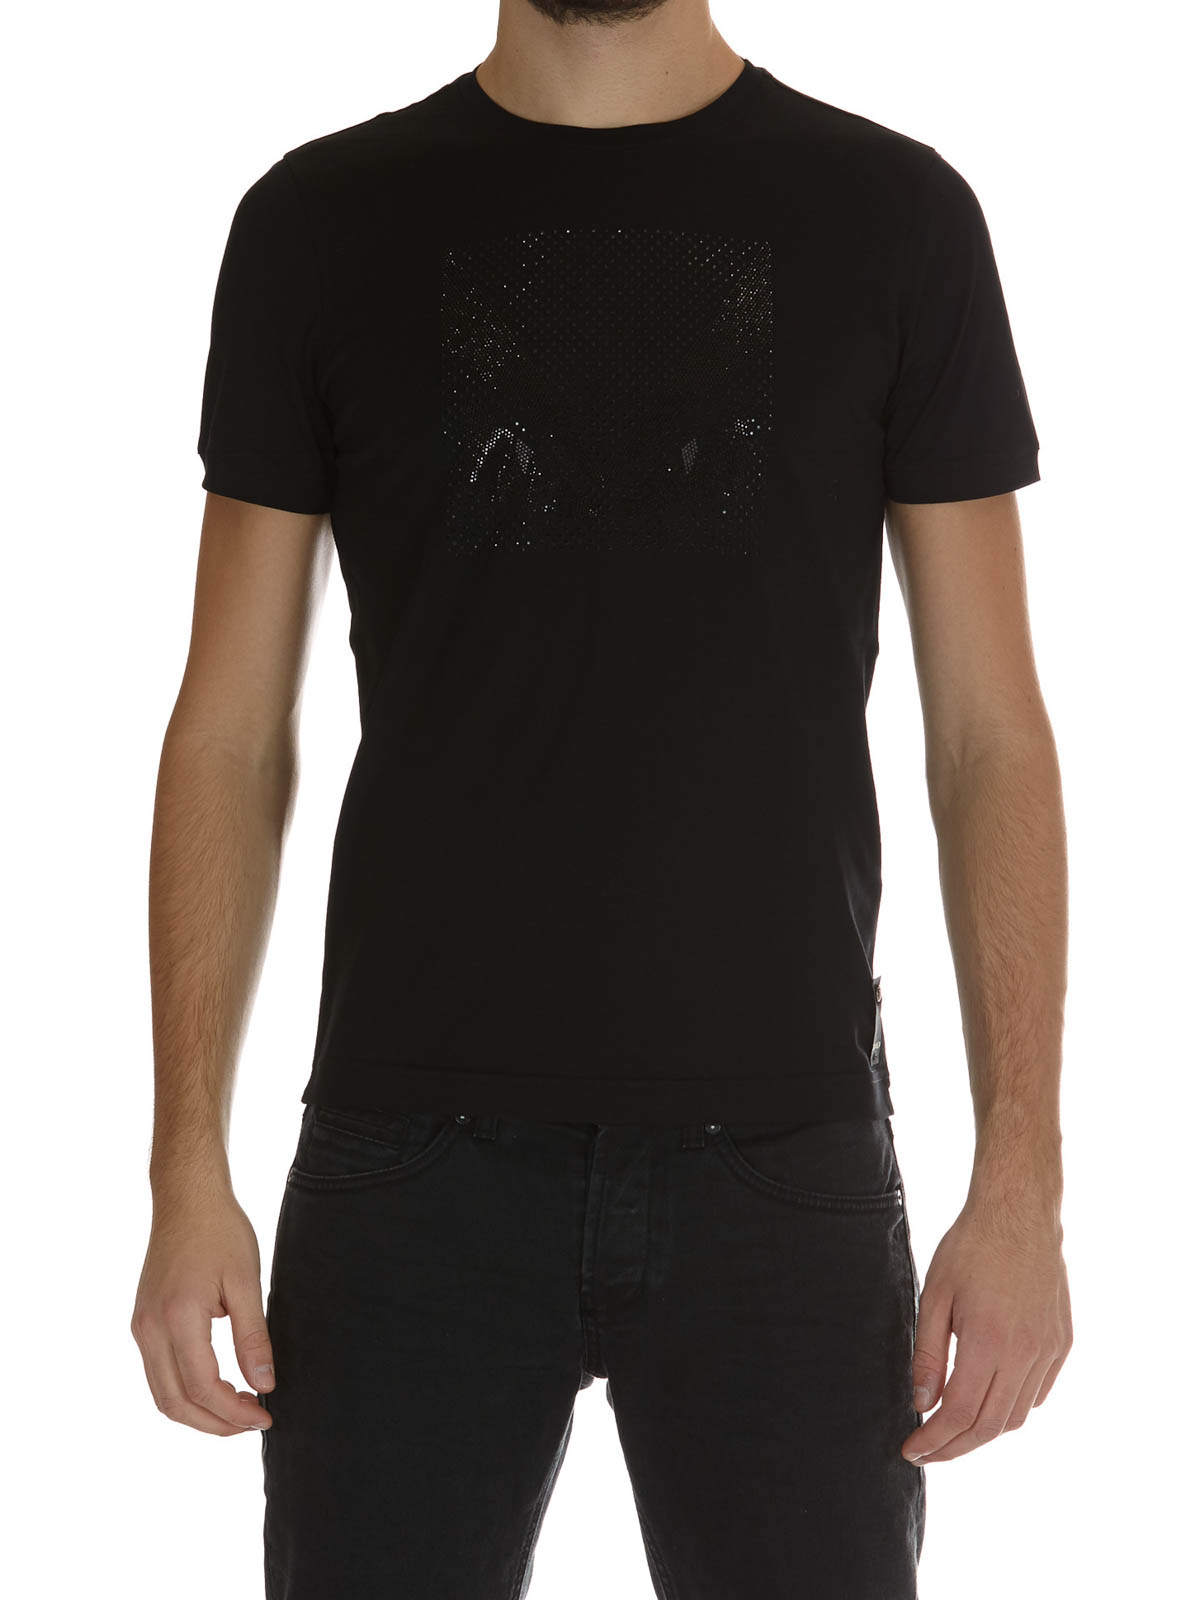 Bag Bugs Cotton T Shirt By Fendi T Shirts Ikrix